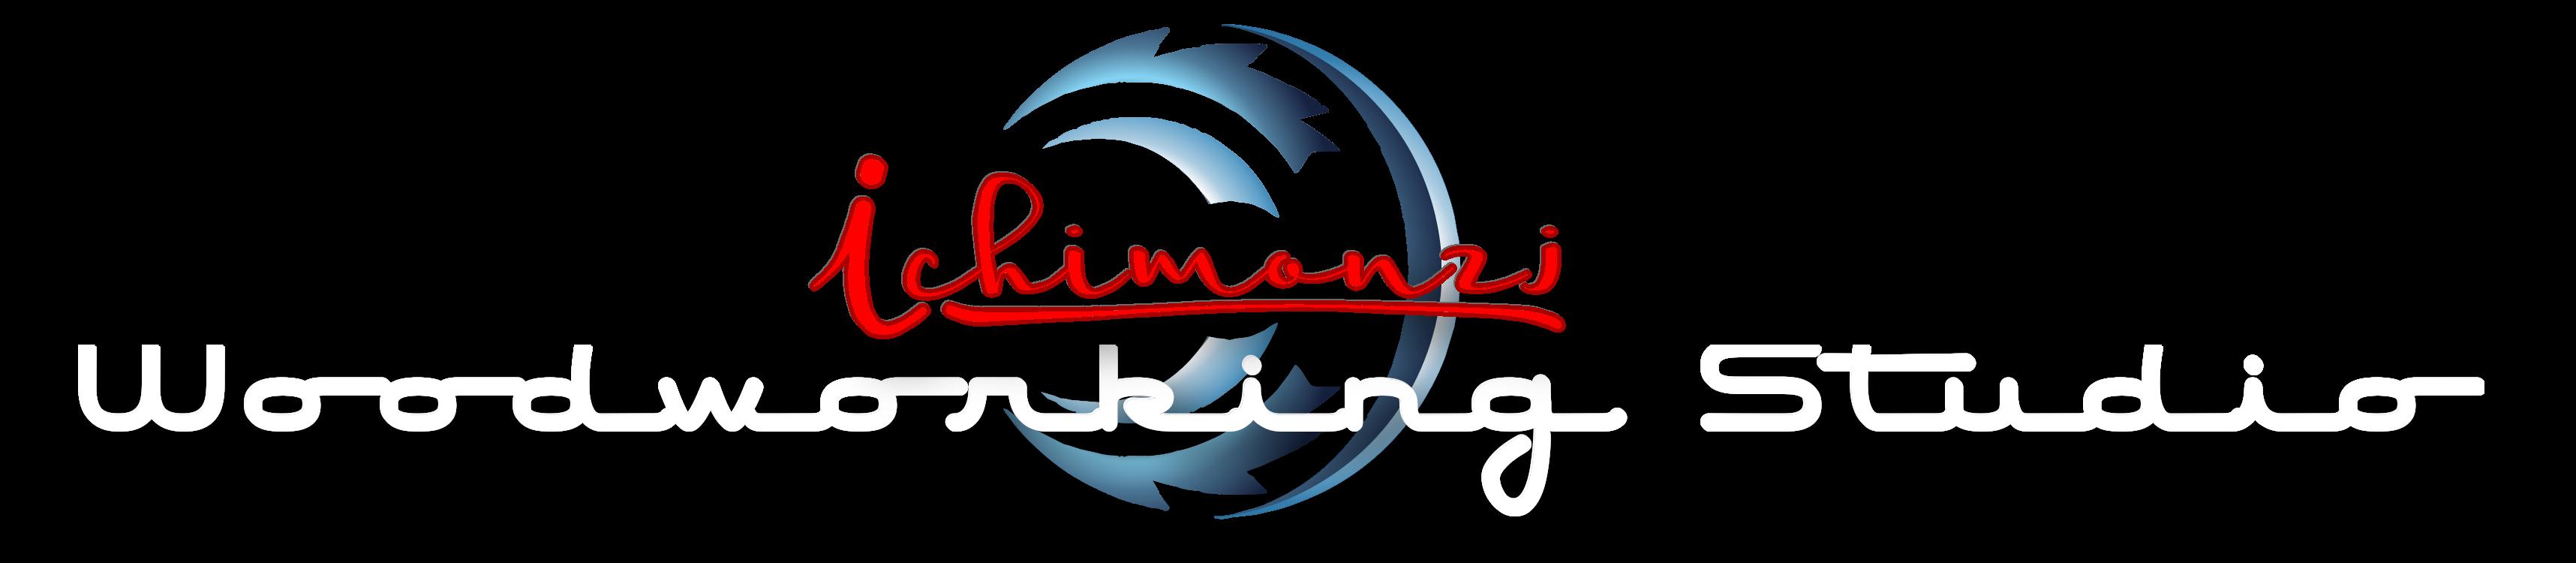 ichimonzi Blog - Reborn